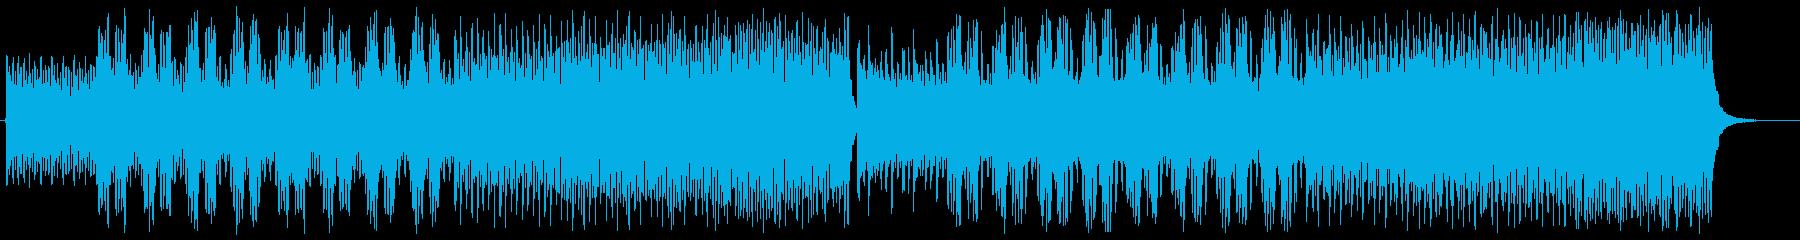 高級車CM風 荘厳なオーケストラBGMの再生済みの波形